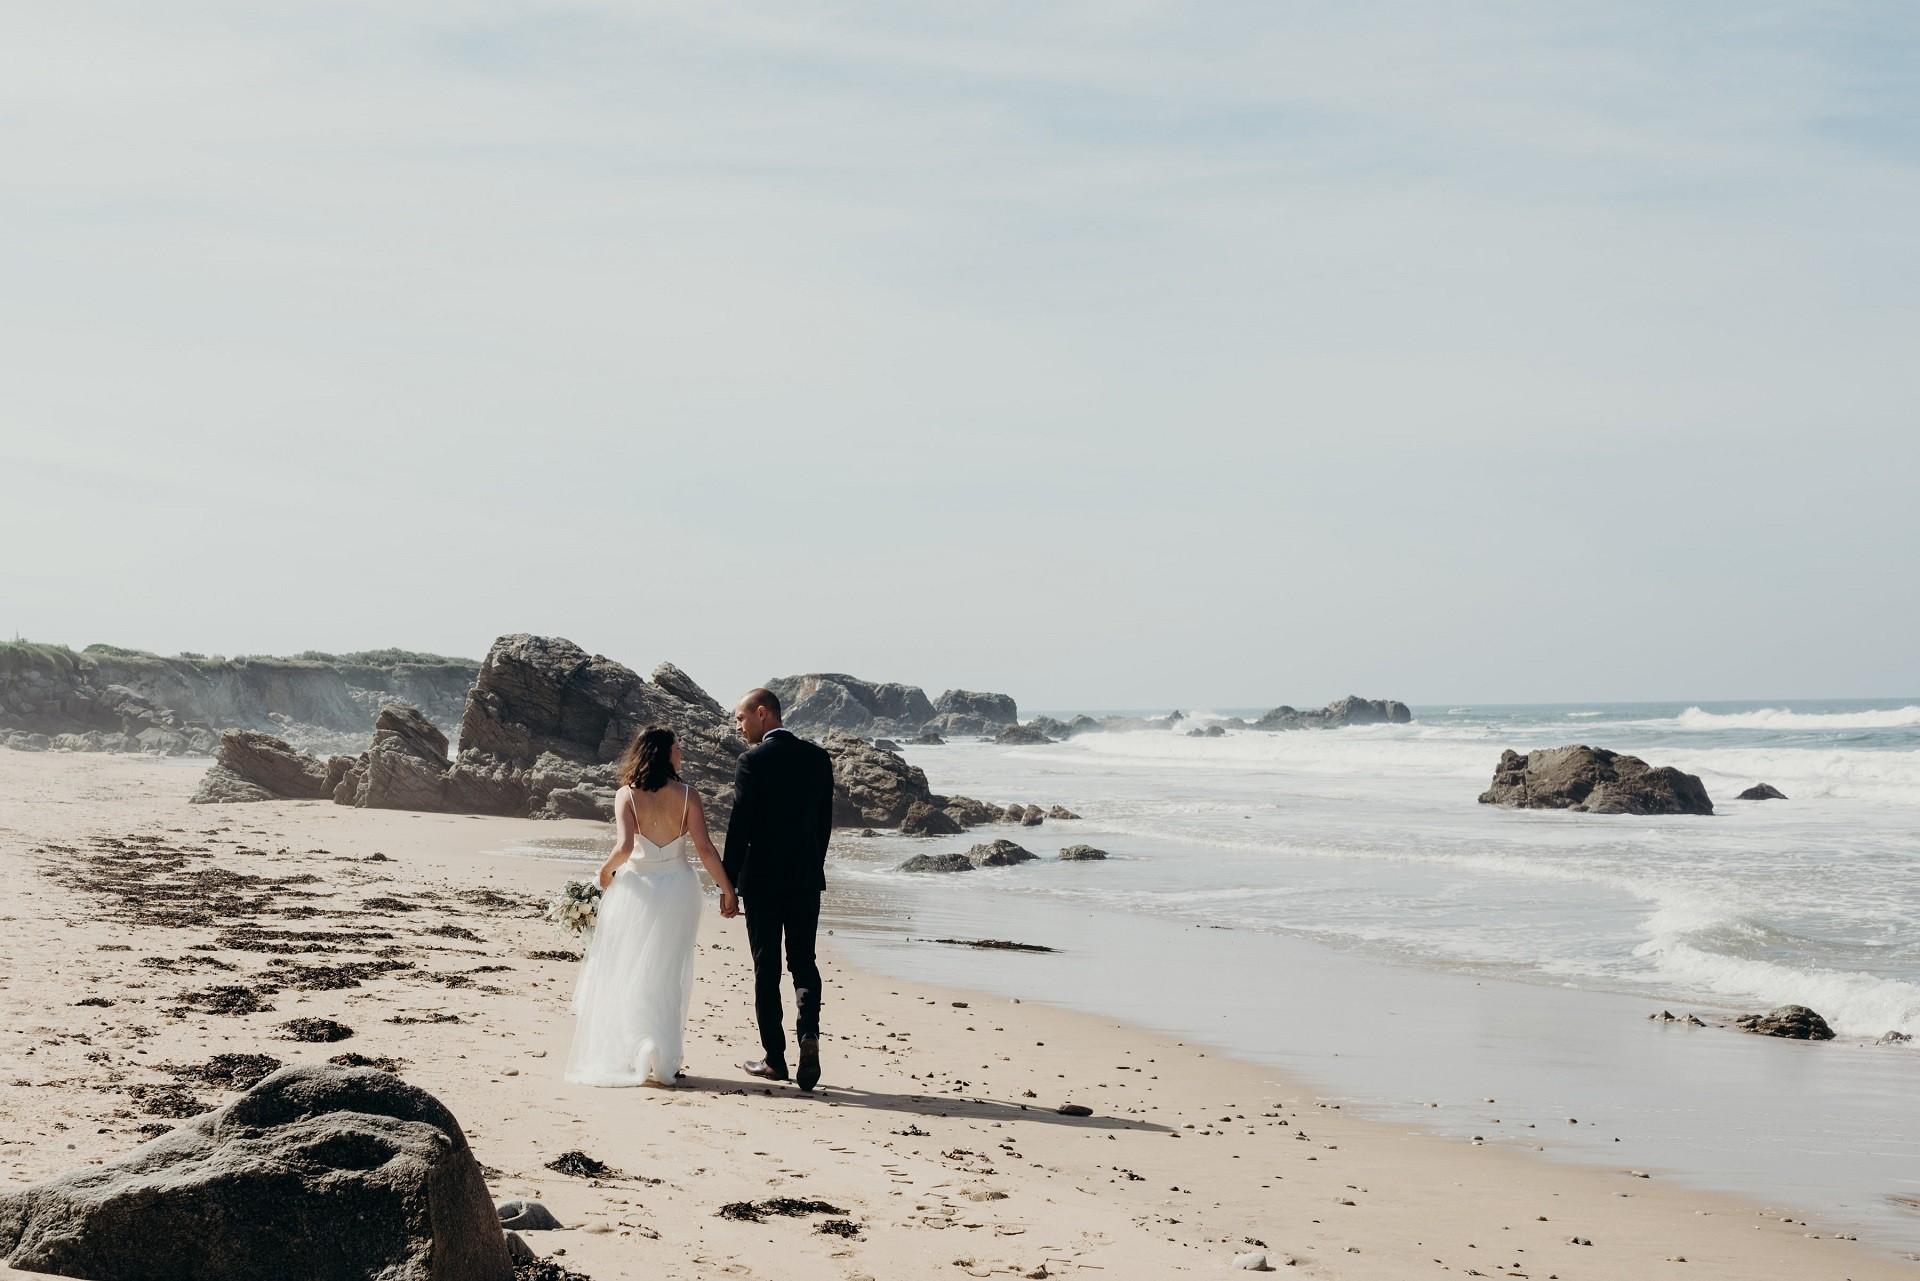 mariage_intimiste_sur_la_plage-SophieMasiewiczPhotographie (42)